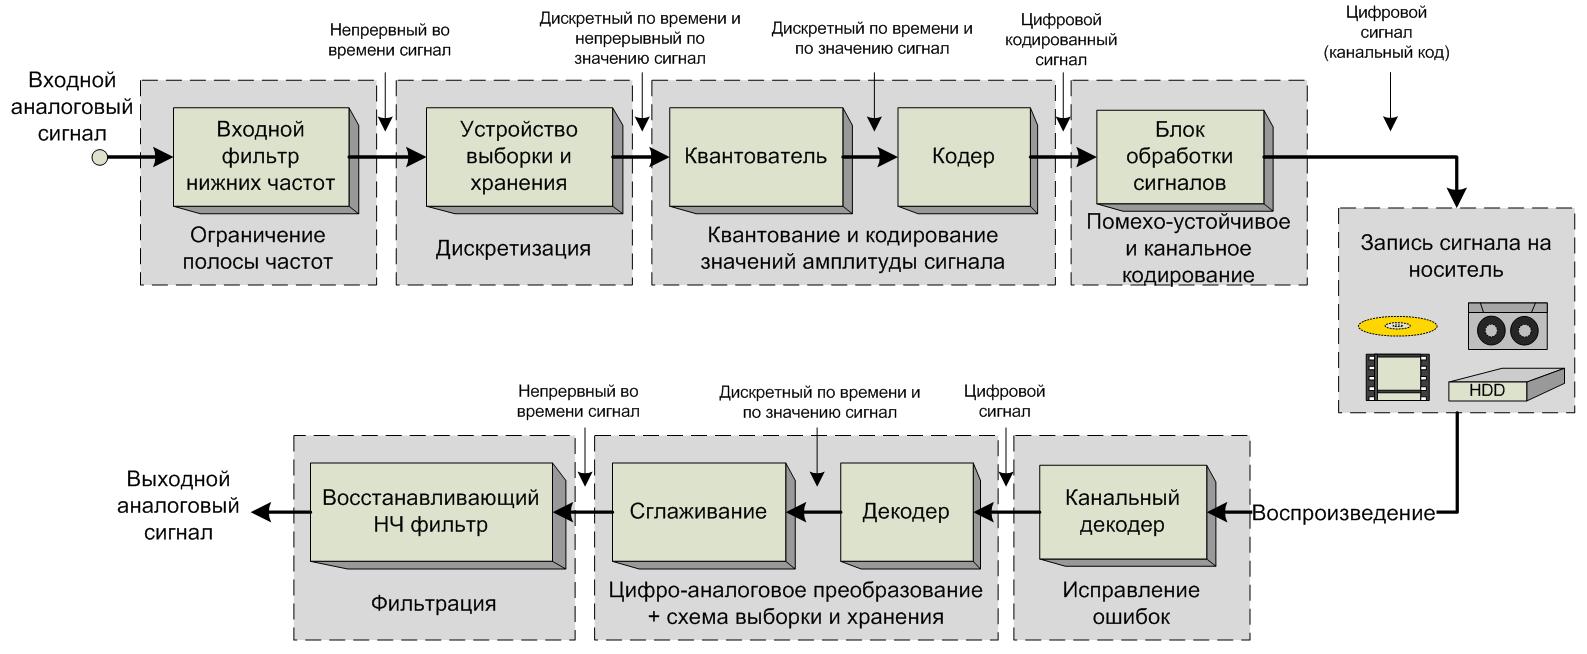 Виды кодирования схема